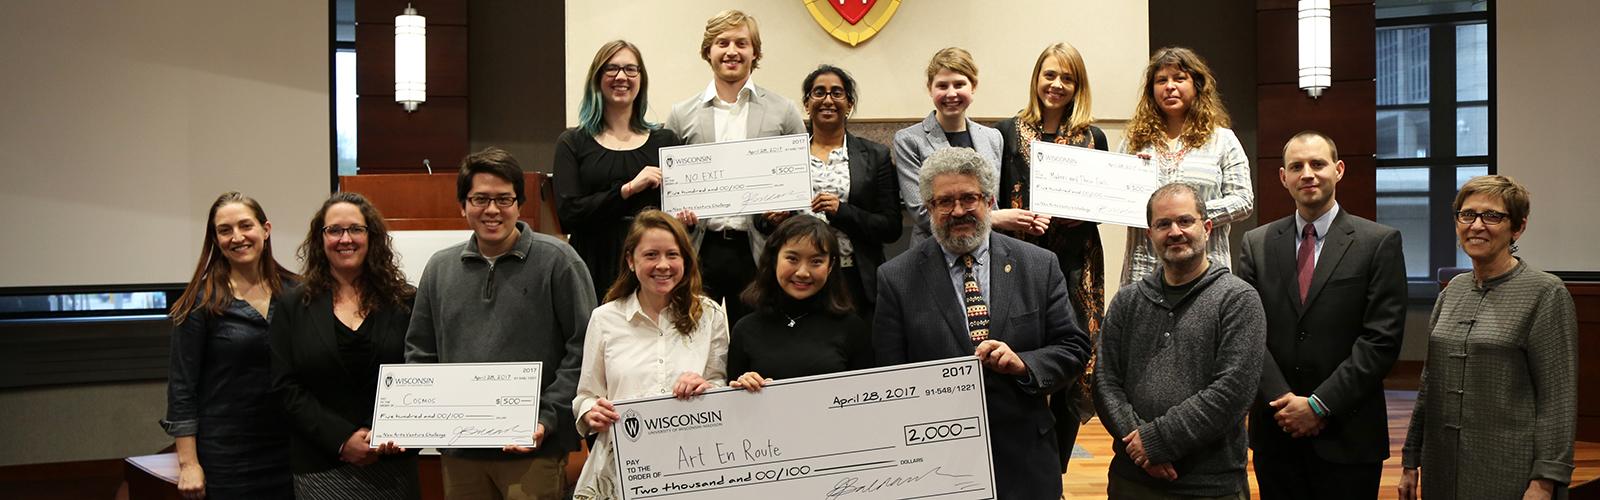 New Arts Venture Challenge recipients